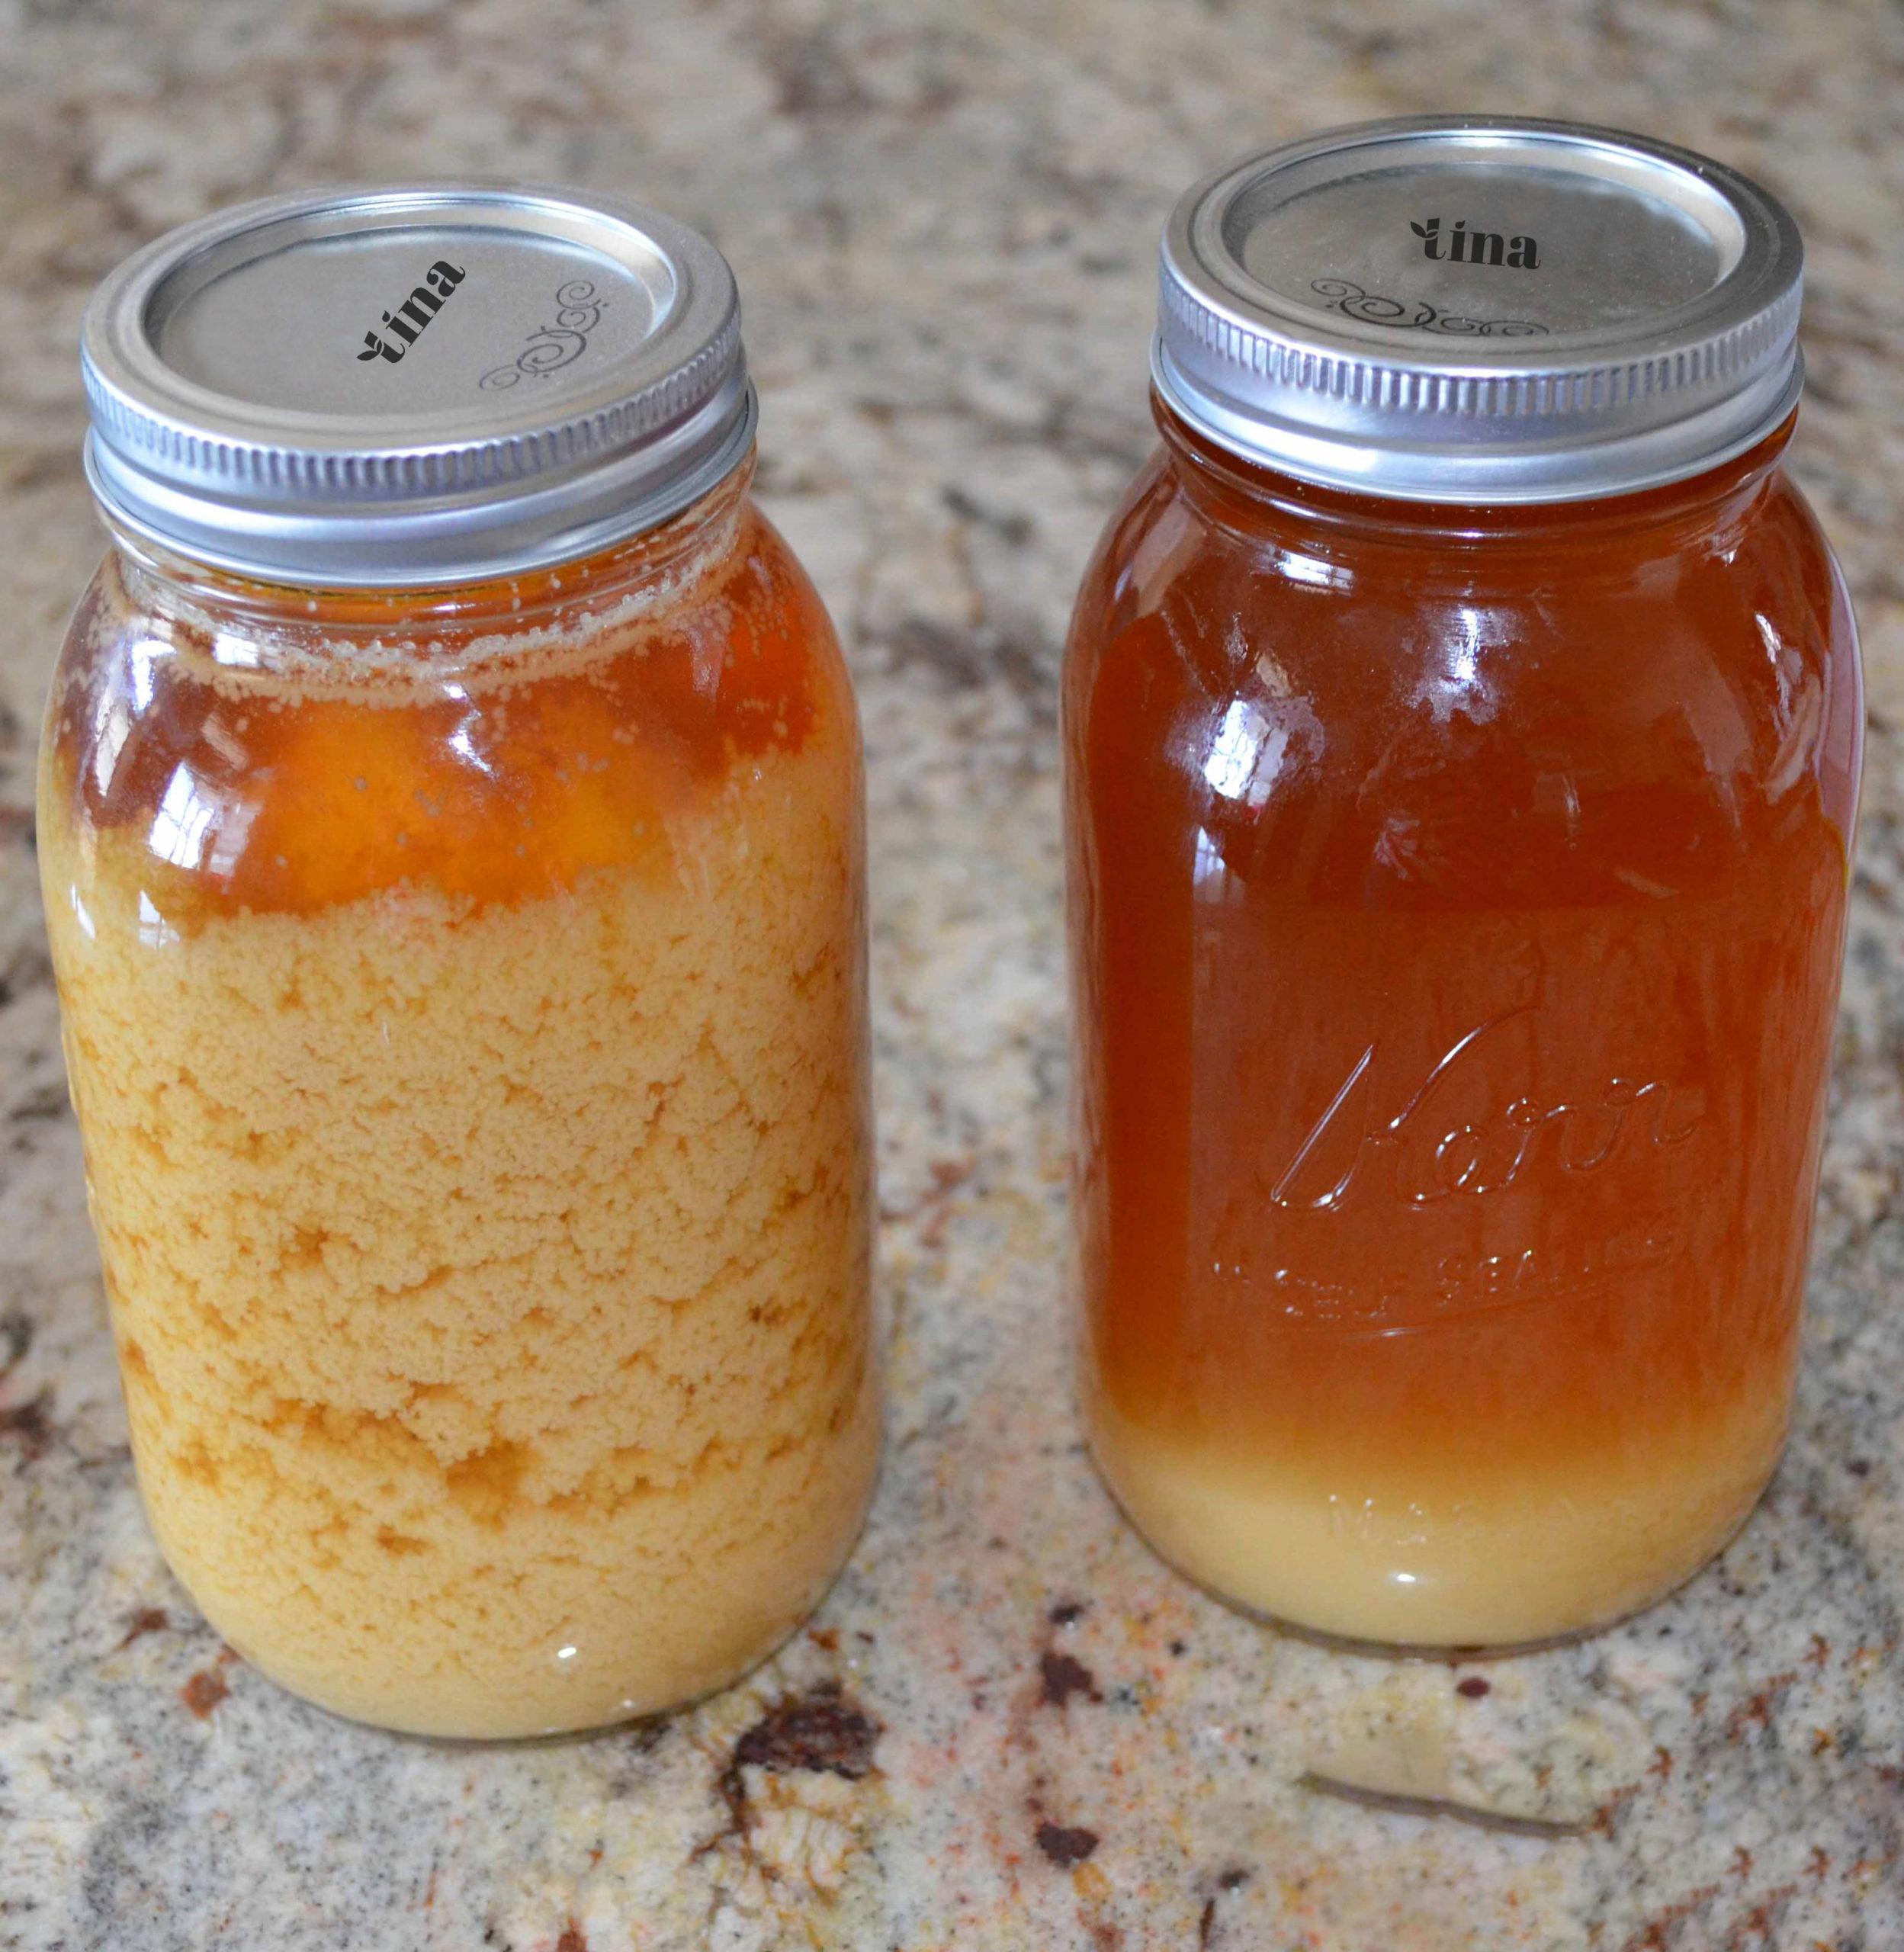 Mật ong bị đóng đường do hàm lượng đường Glucoser bão hòa 70% tạo nên hạt kết tinh.